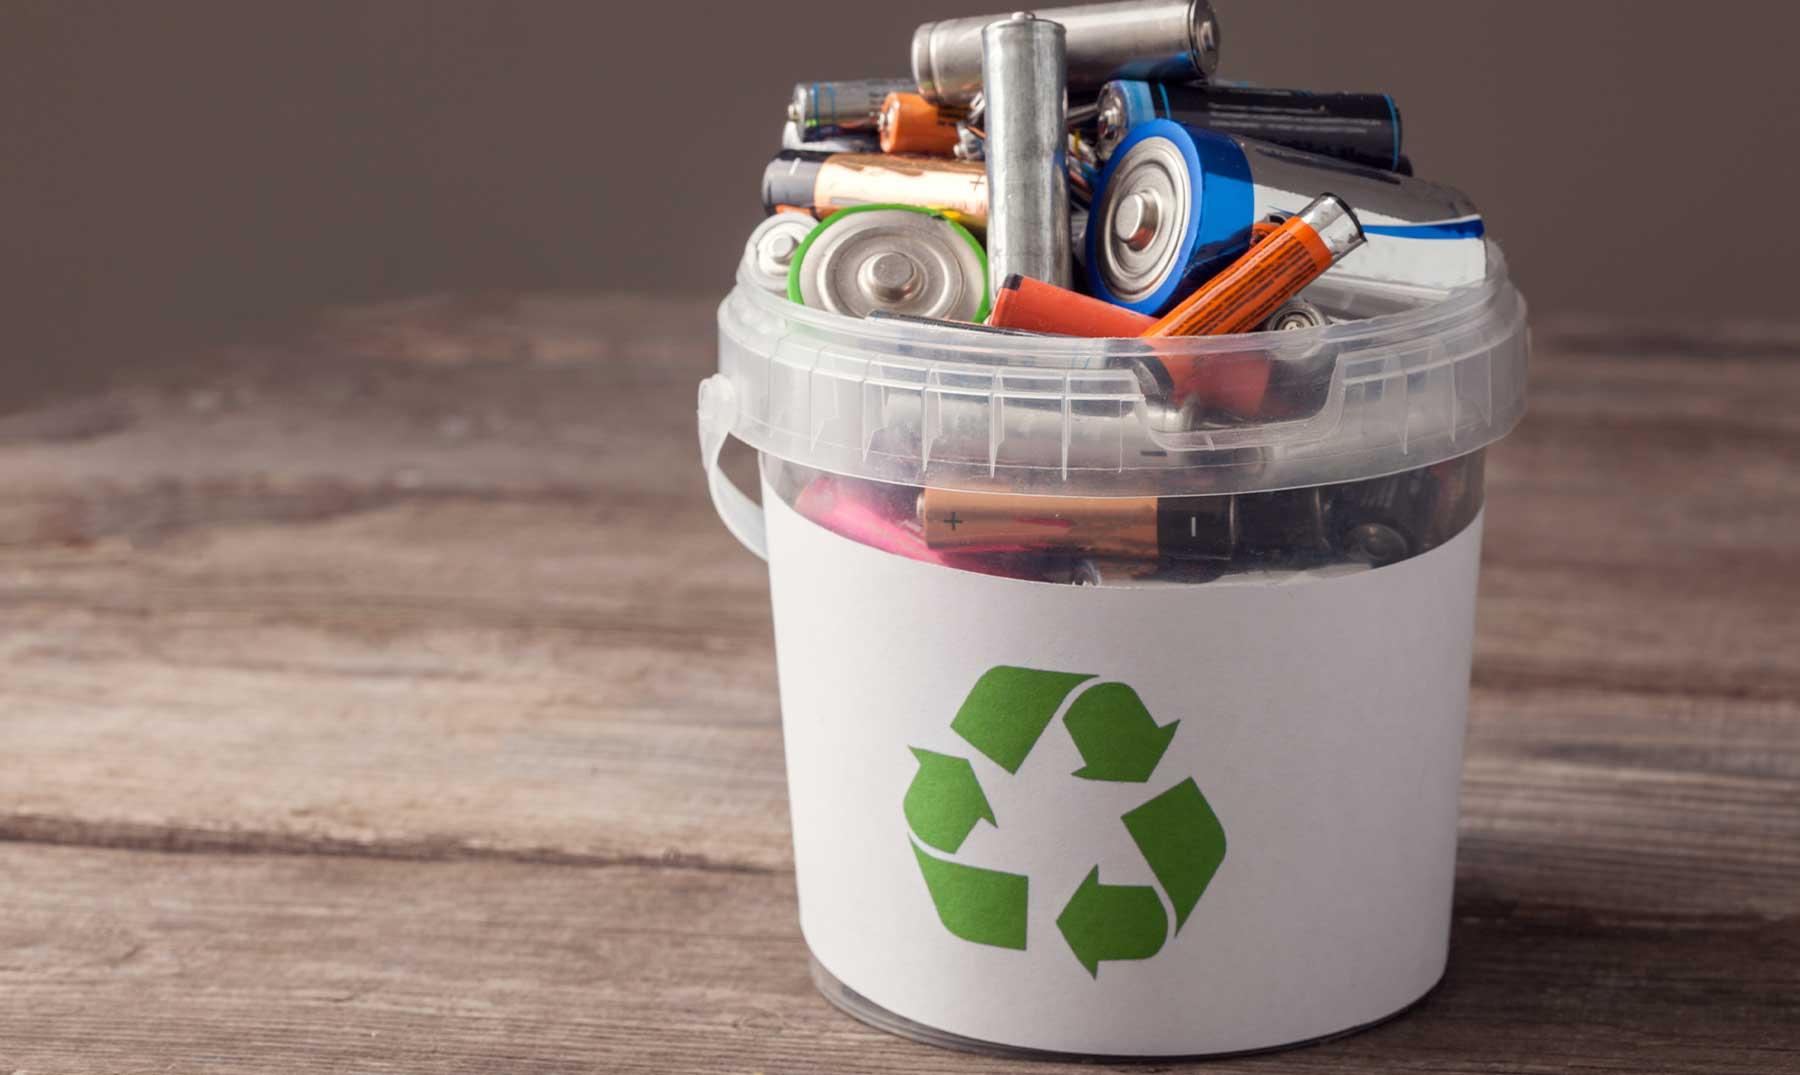 las pilas se pueden reciclar